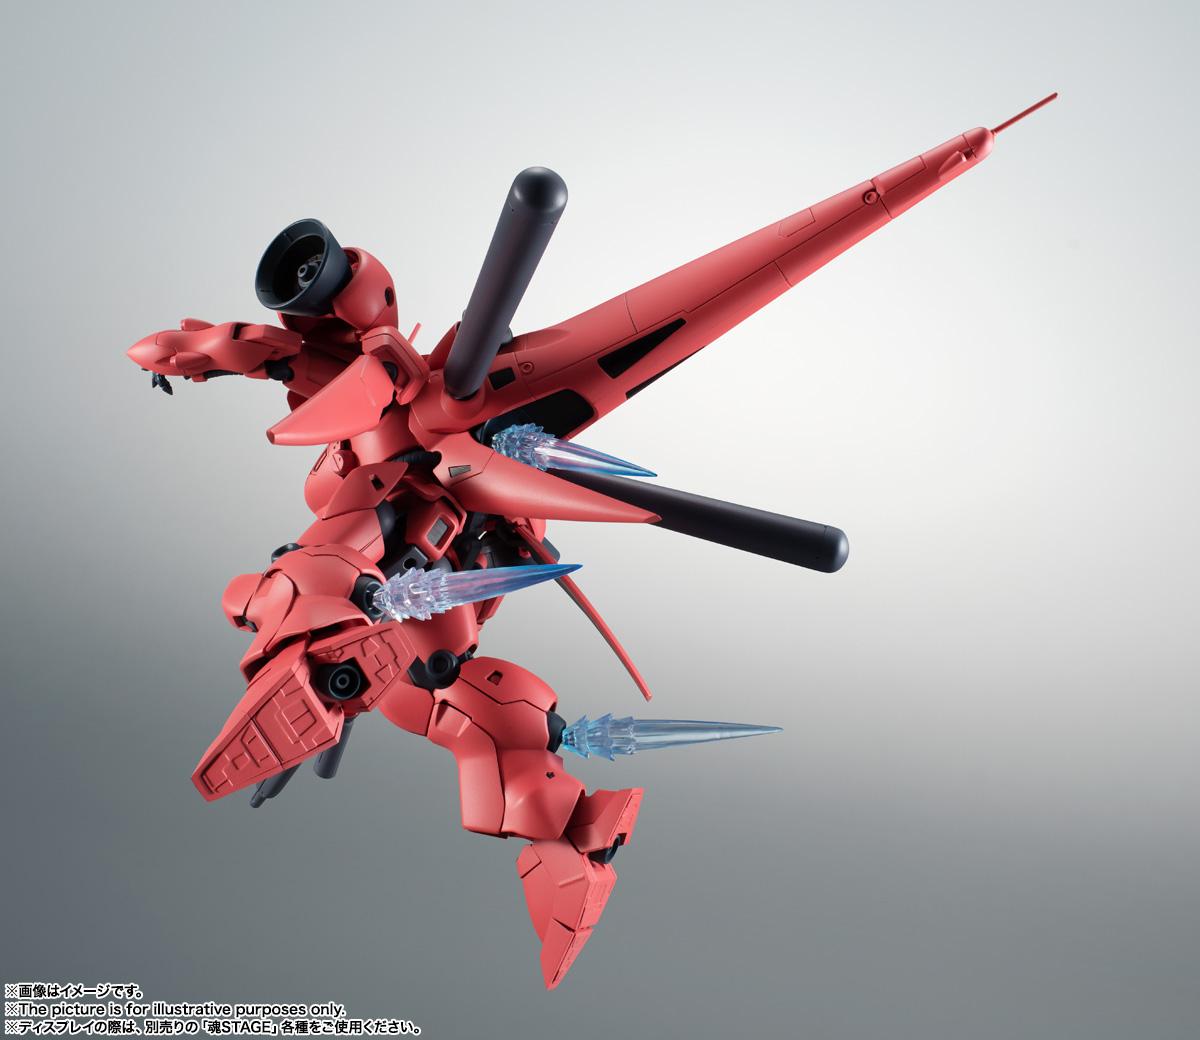 ROBOT魂〈SIDE MS〉『AGX-04 ガーベラ・テトラ ver. A.N.I.M.E.』機動戦士ガンダム0083 可動フィギュア-012